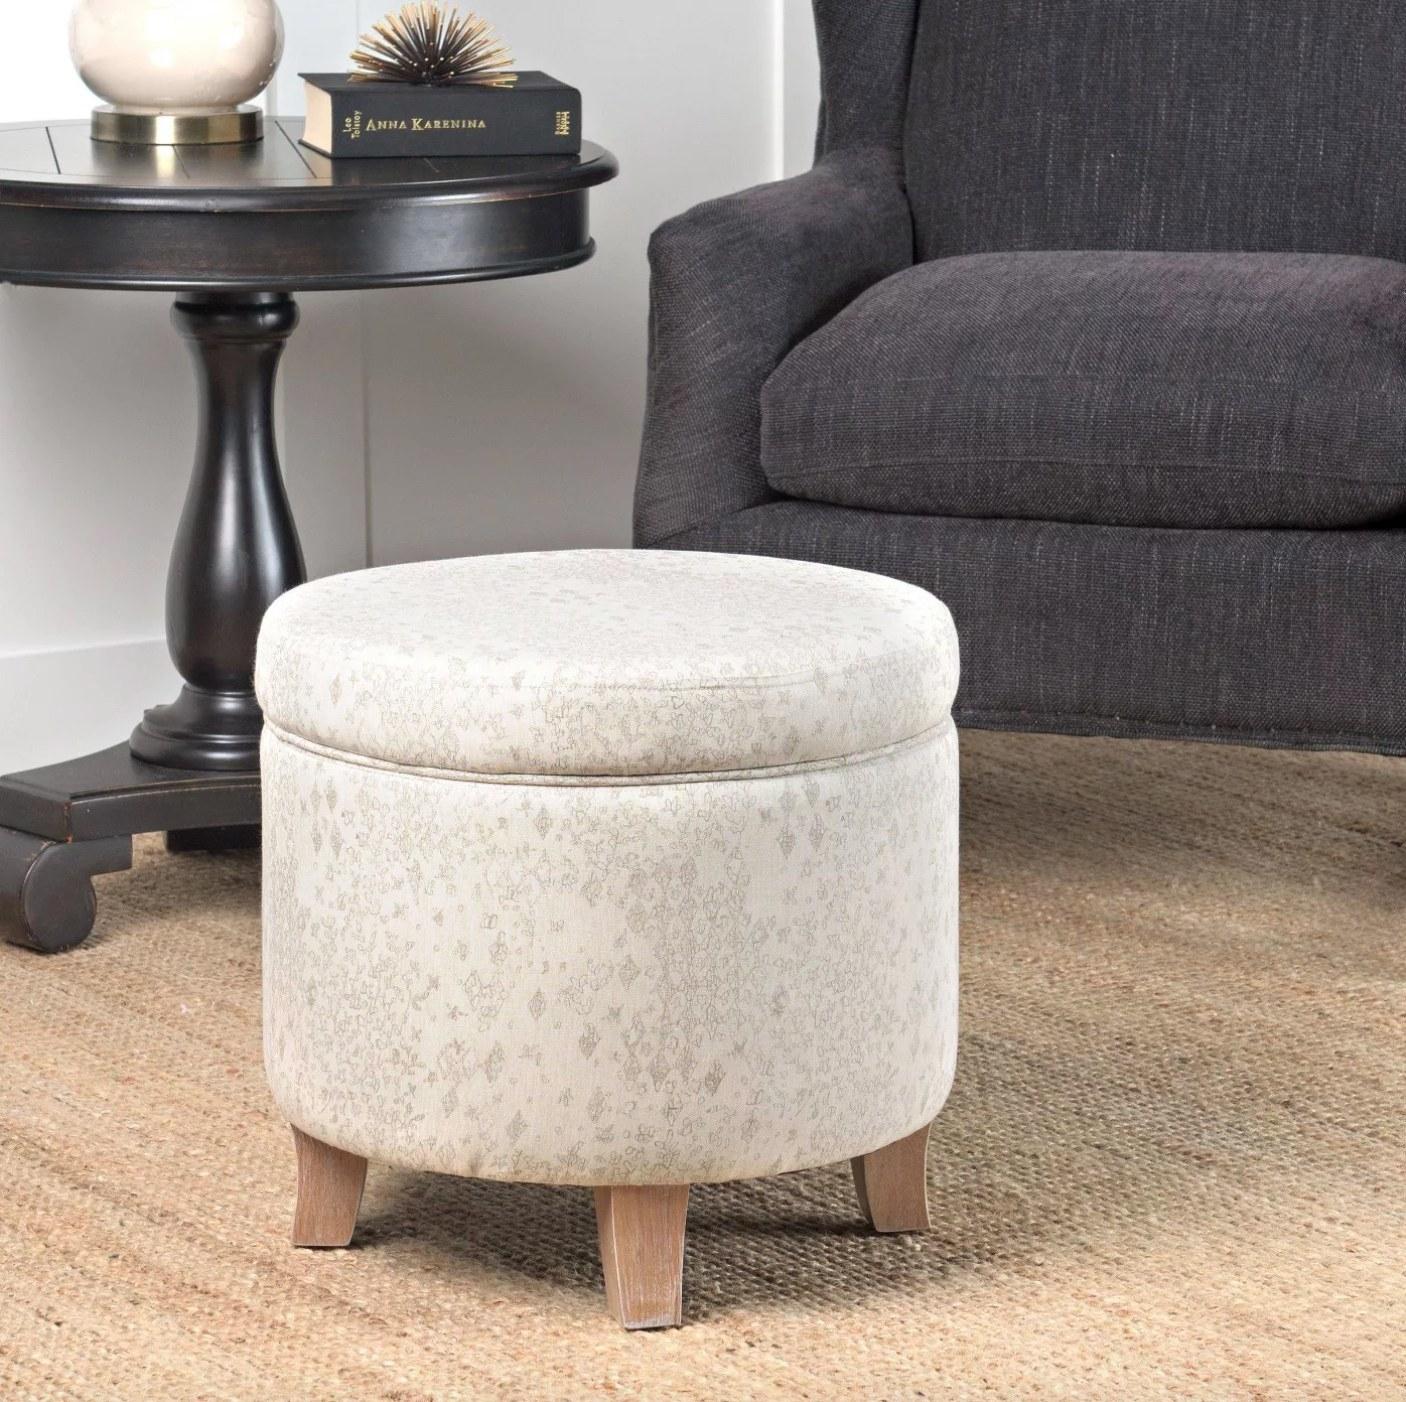 The round storage ottoman in linen